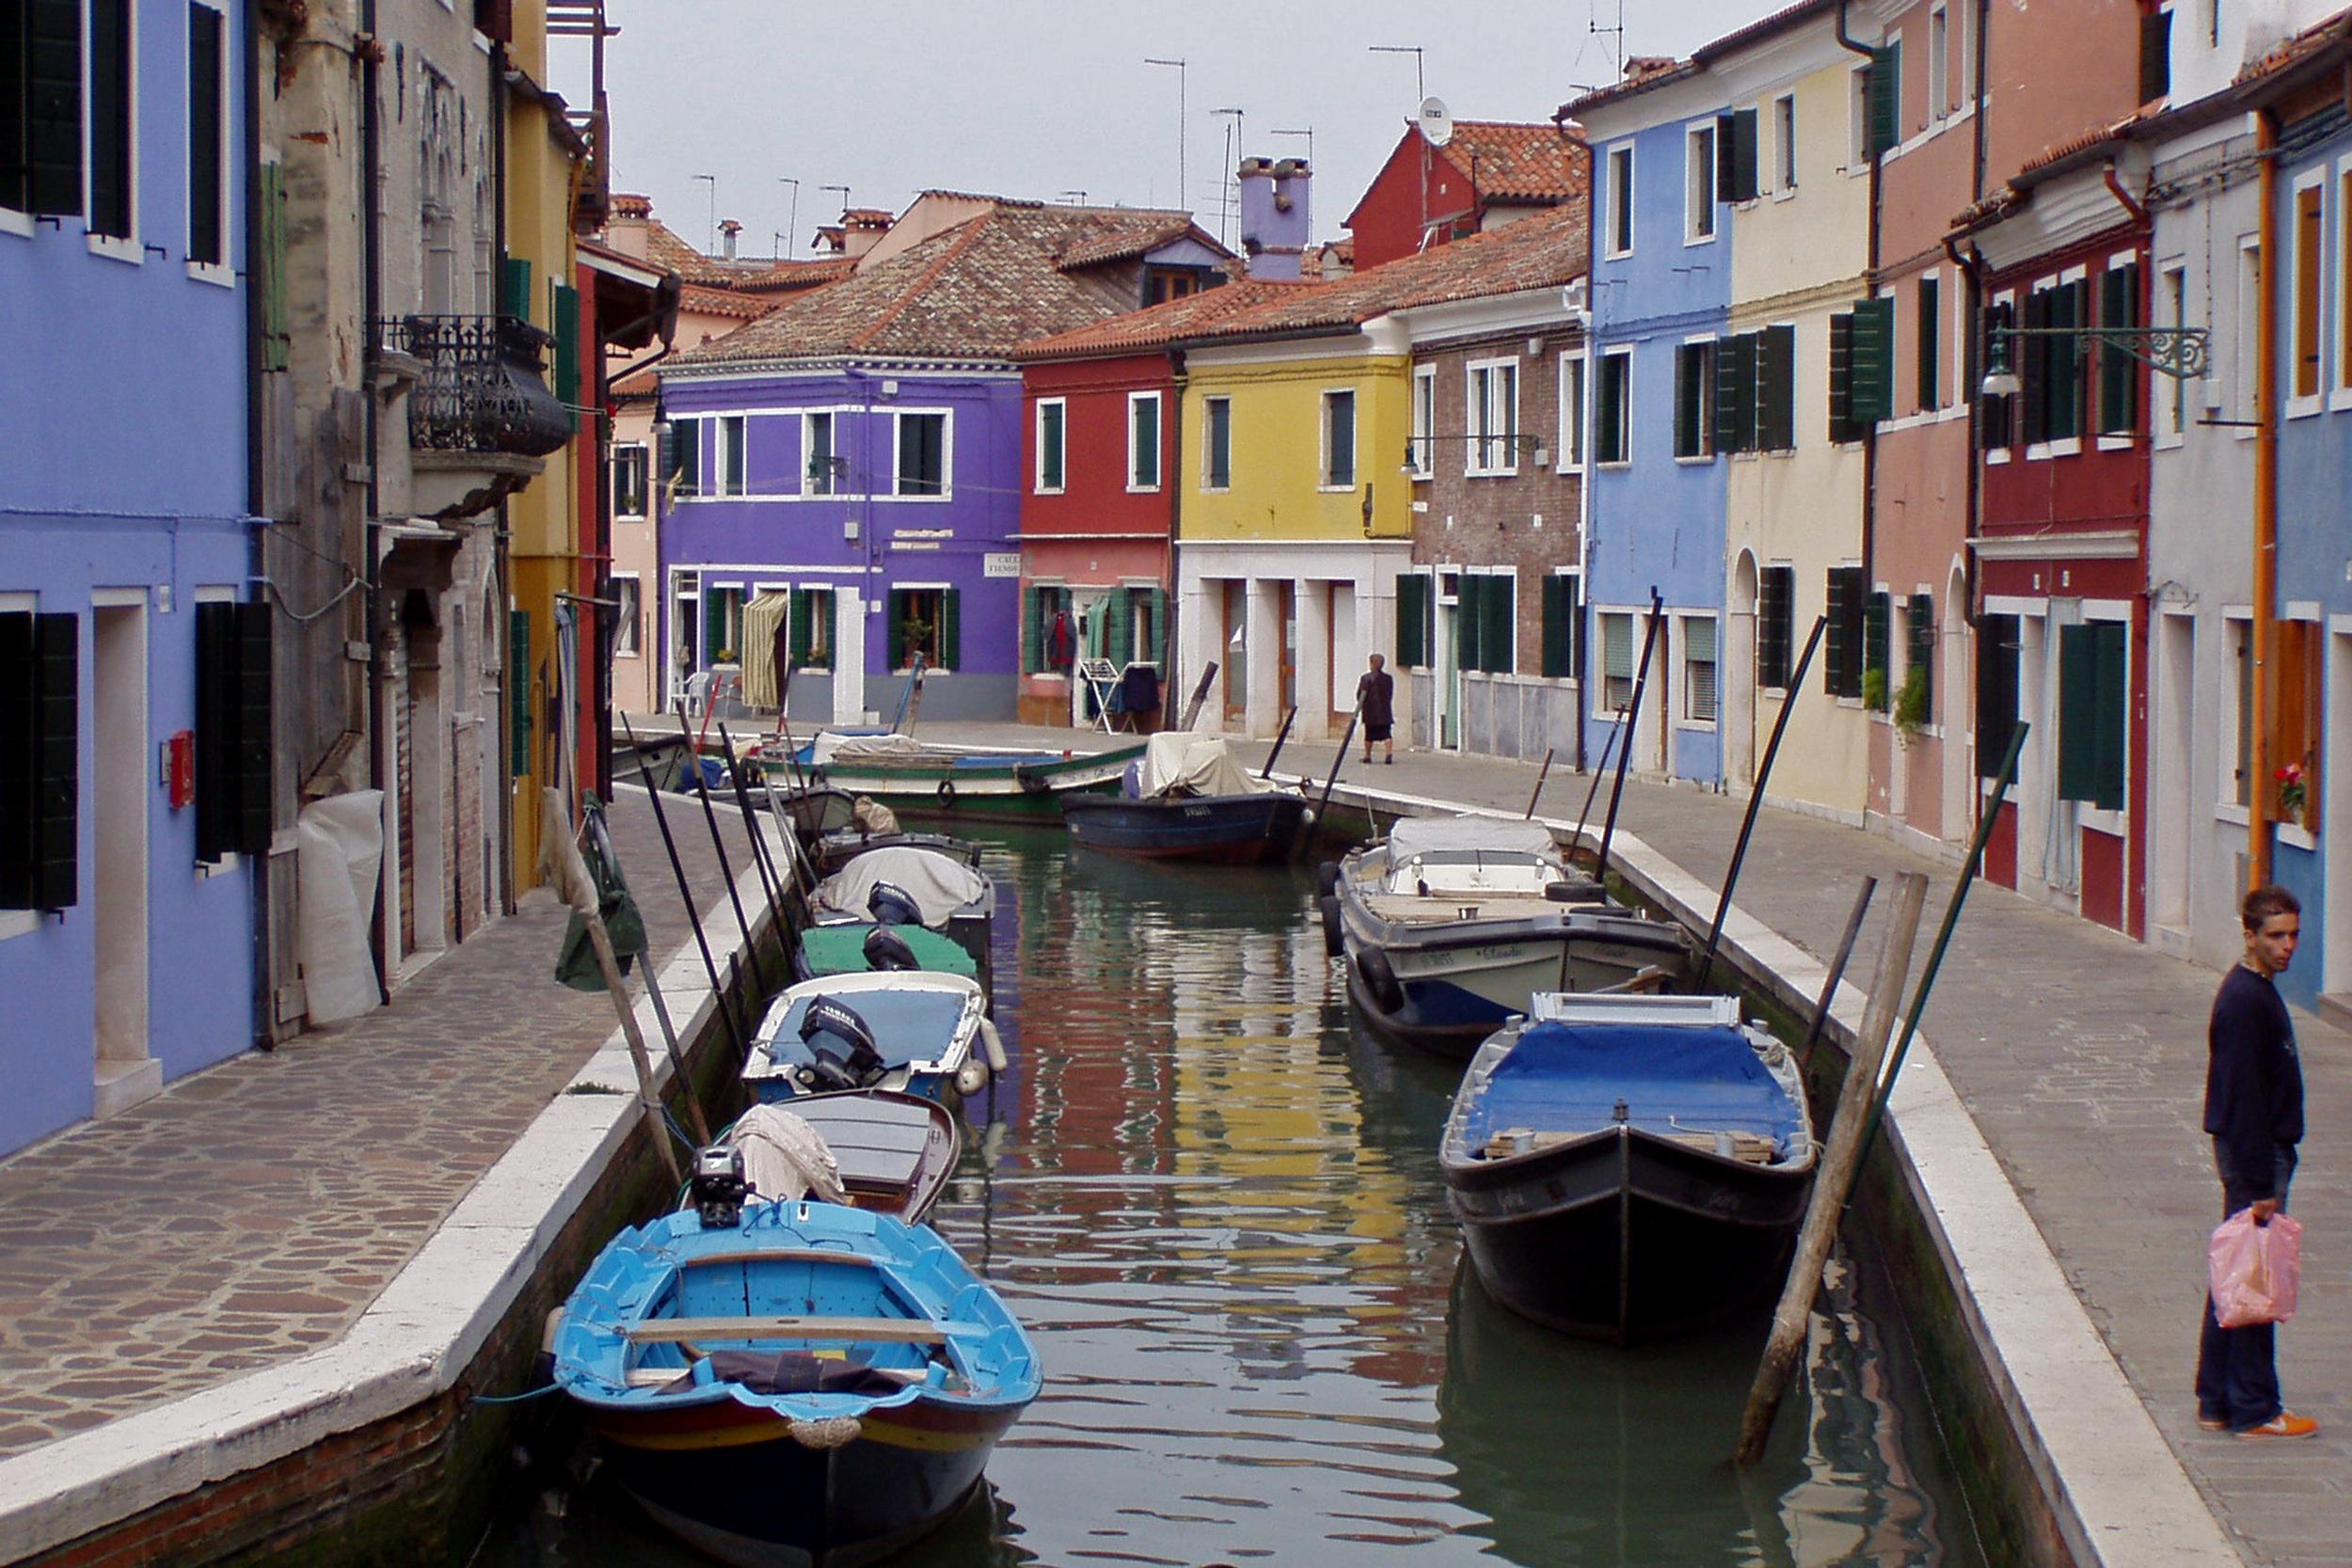 Kostenlose foto : Wasser, Straße, Boot, Stadt, Kanal, Fahrzeug ...